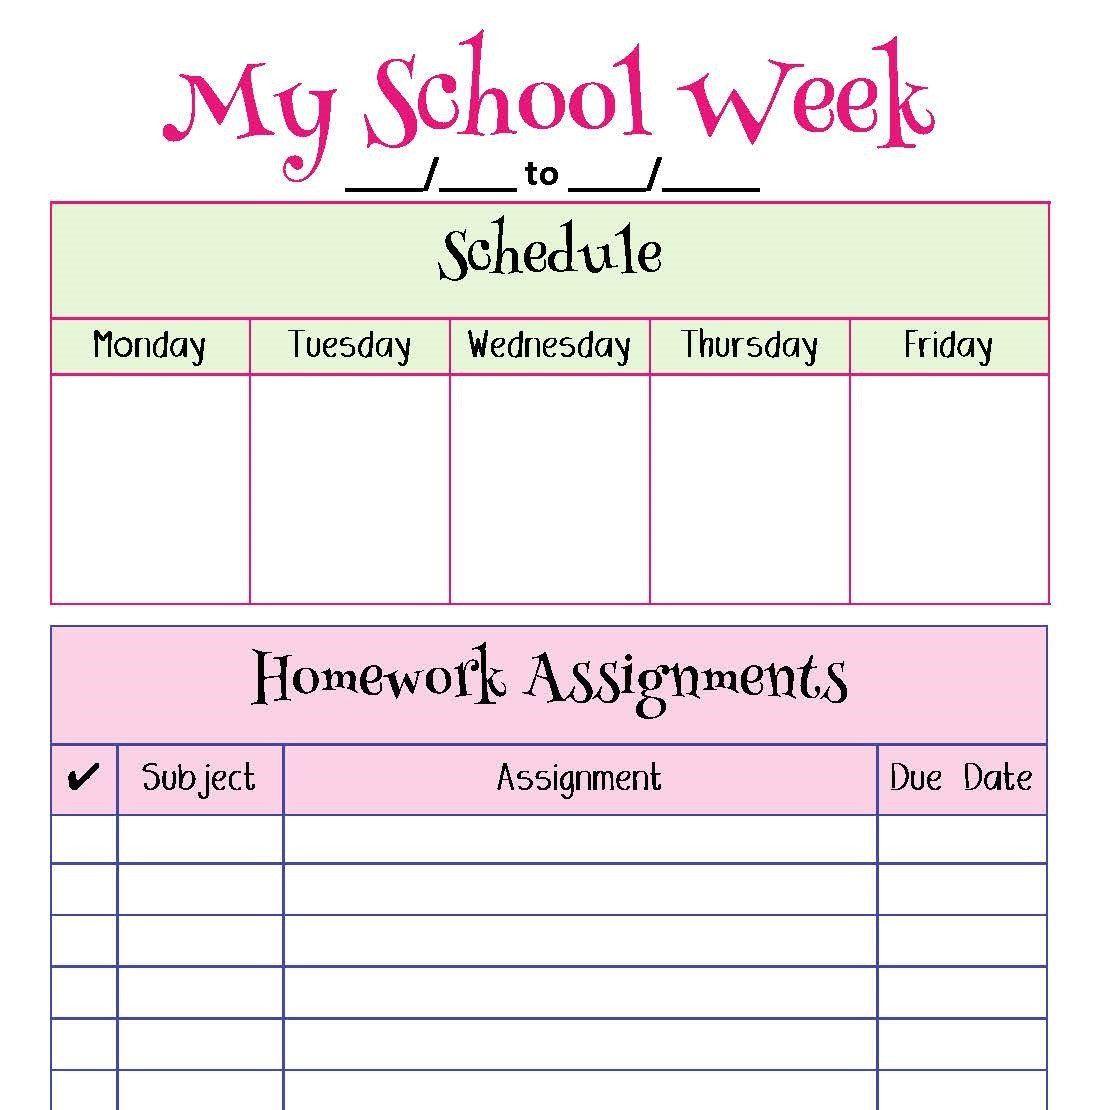 Free elementary homework help cover letter format regarding